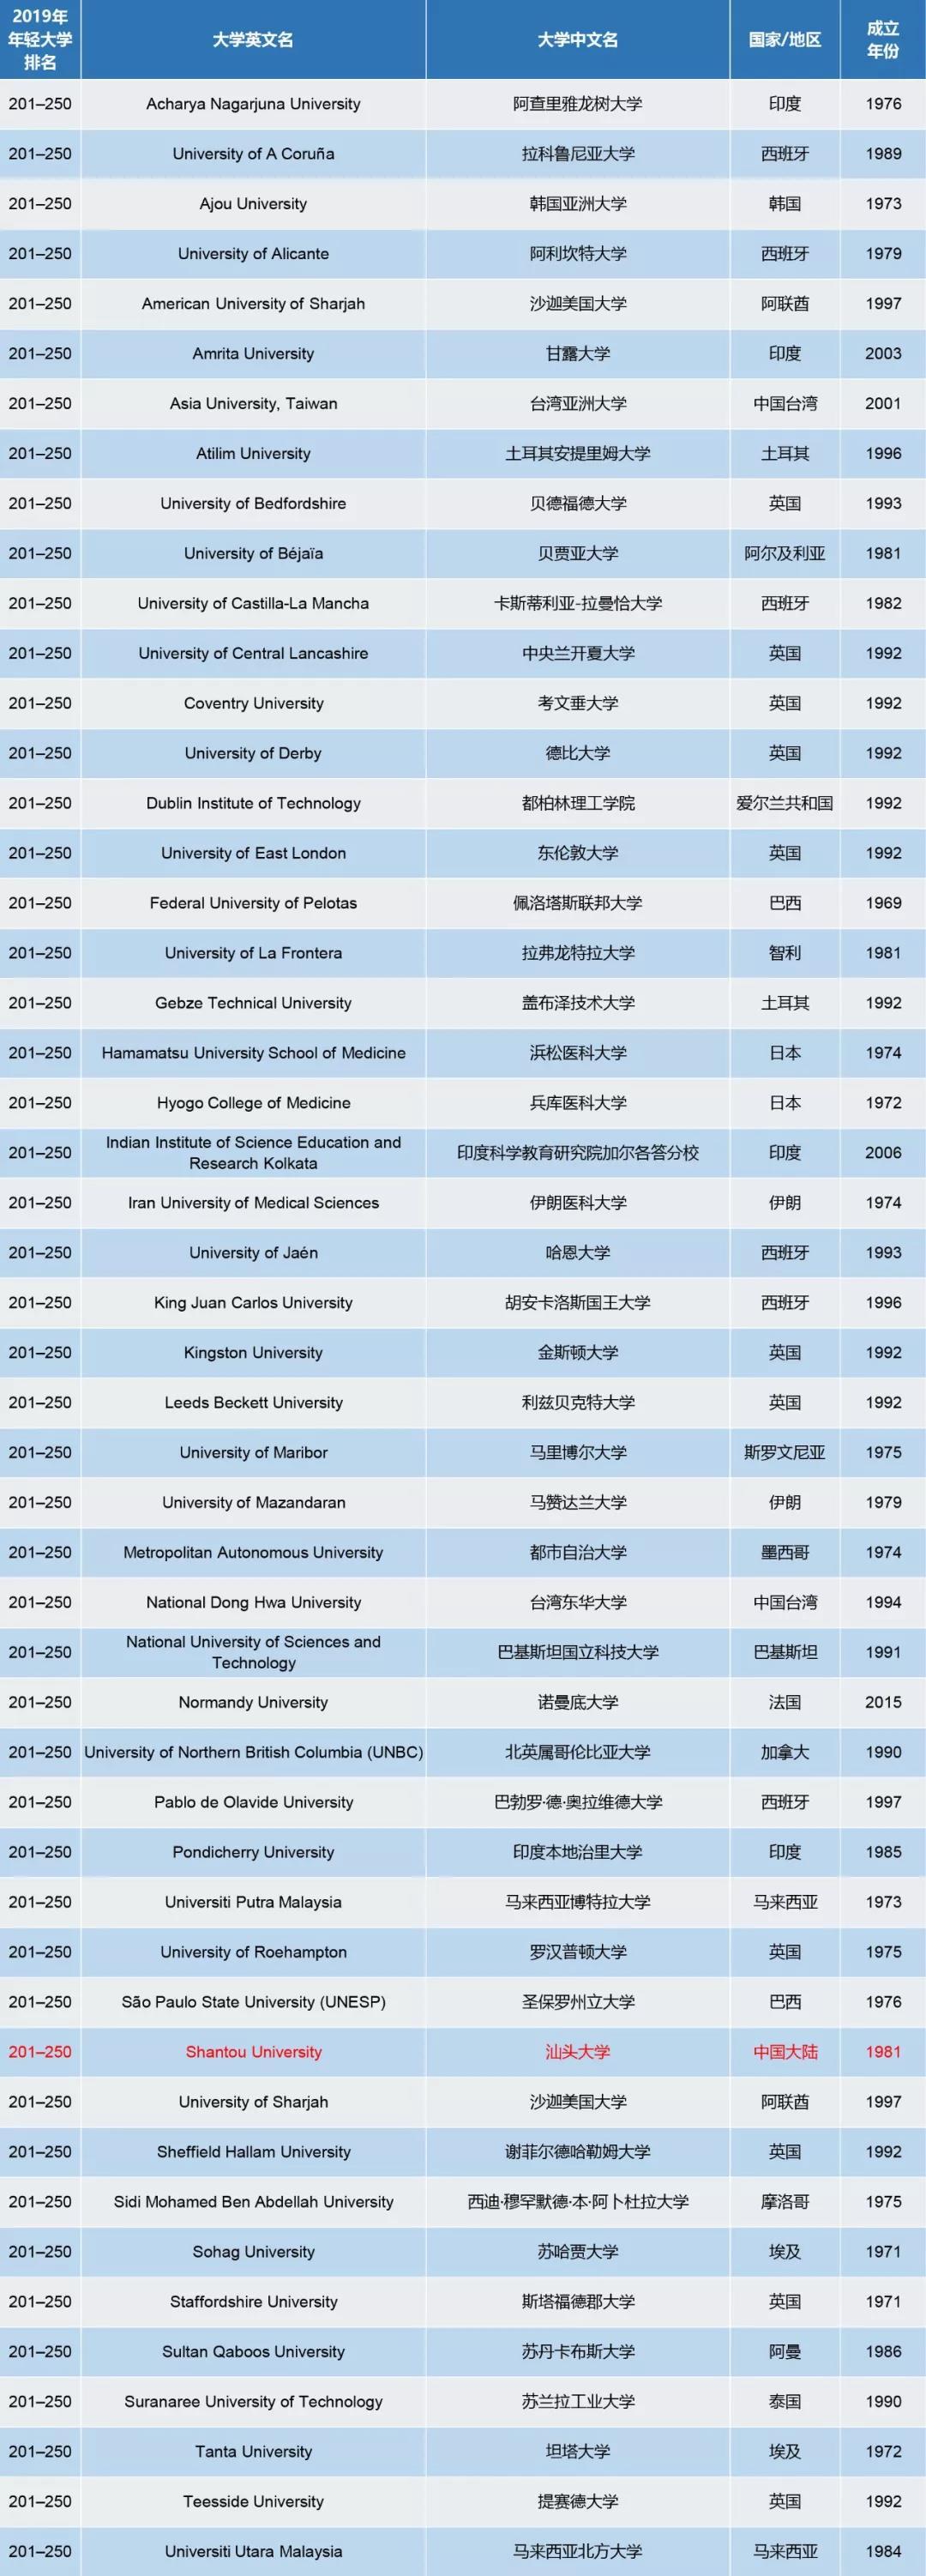 2019年THE世界最年轻大学排名发布,香港科技大学稳坐一哥!